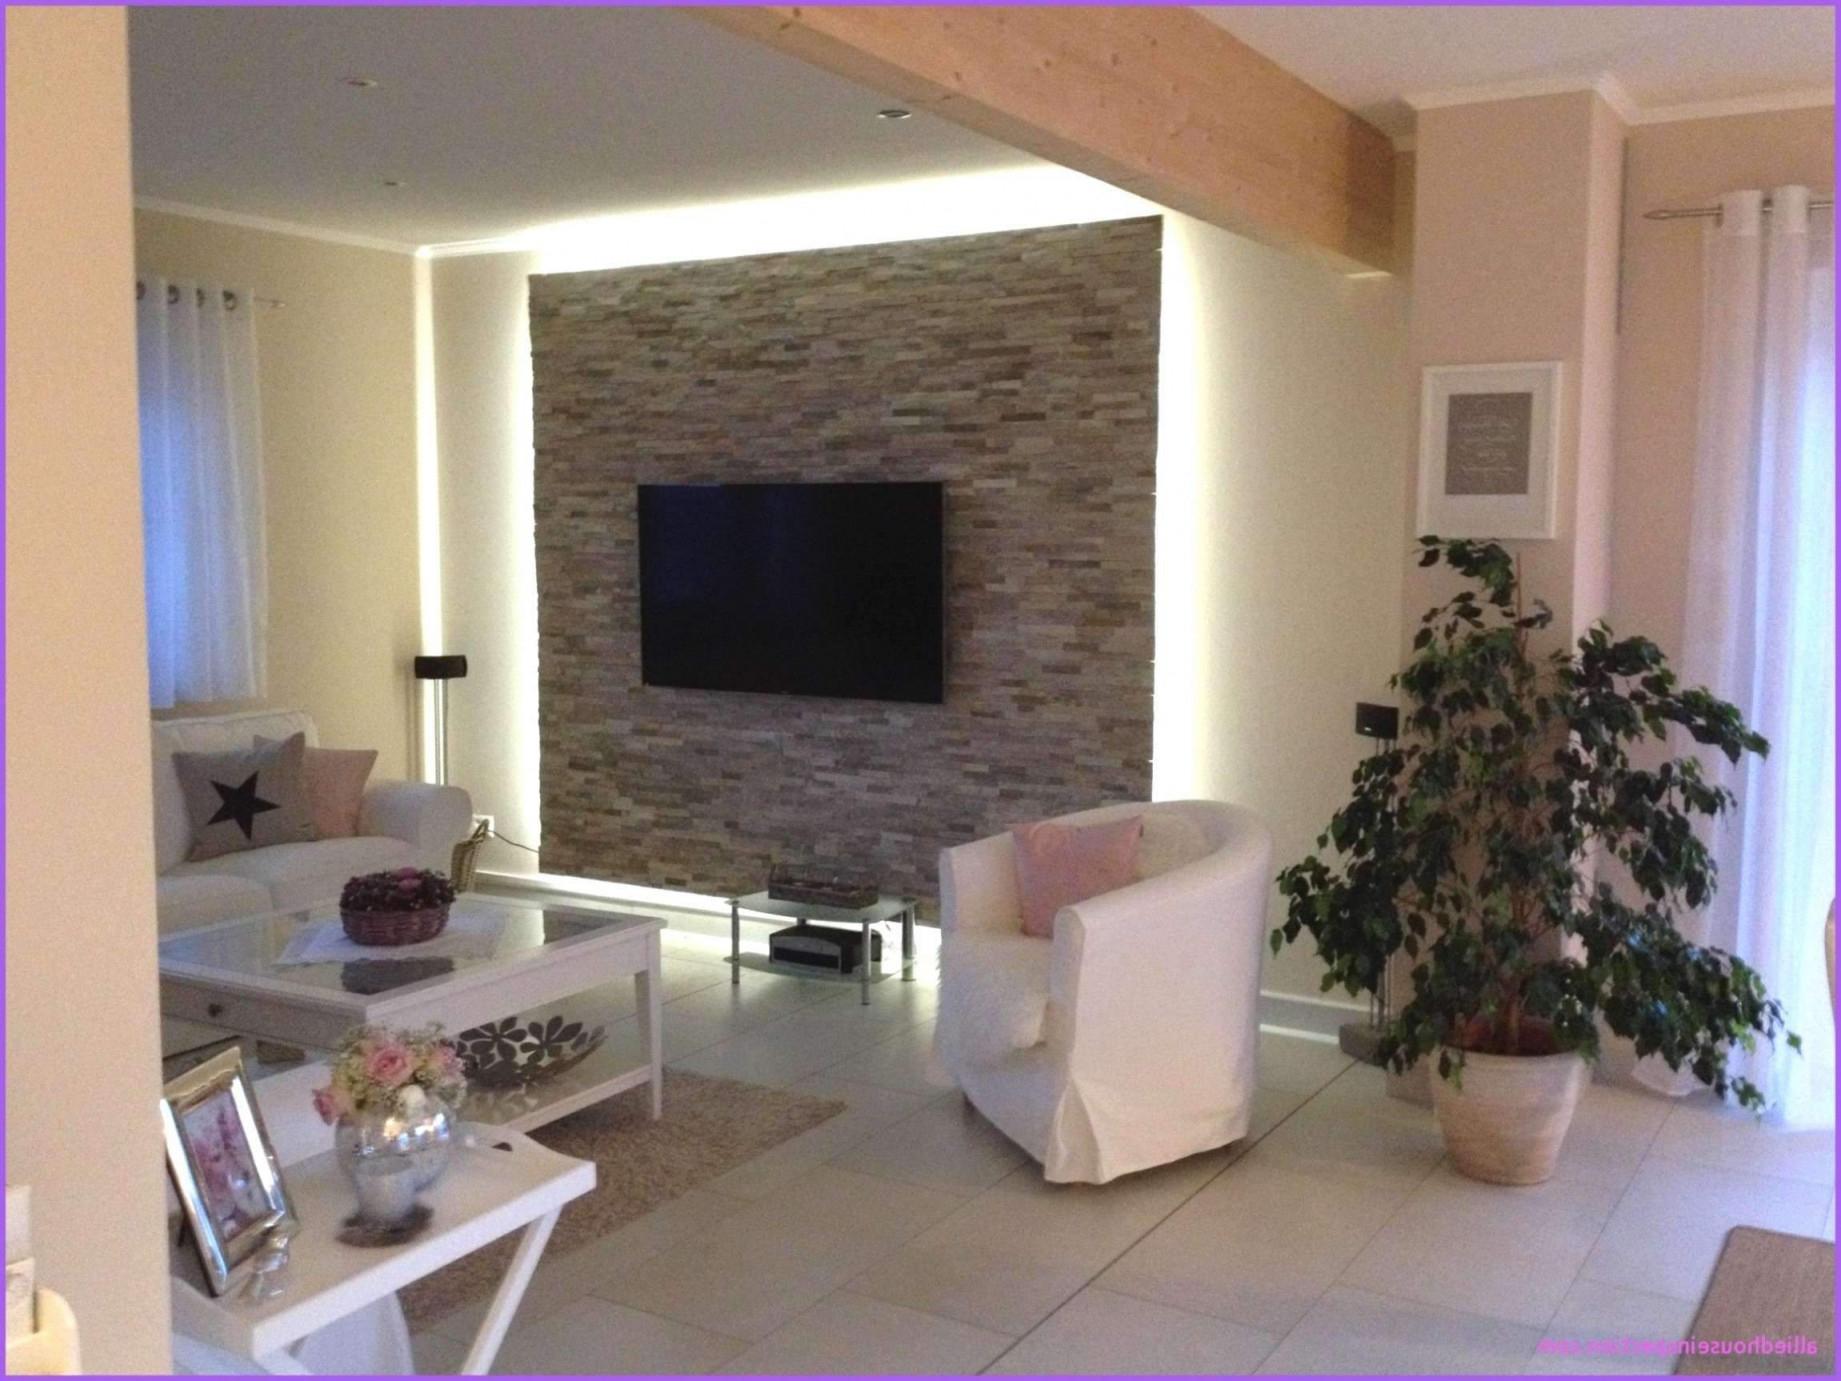 32 Das Beste Von Wohnzimmer Tapeten Ideen Reizend von Wohnzimmer Gestalten Tapete Photo